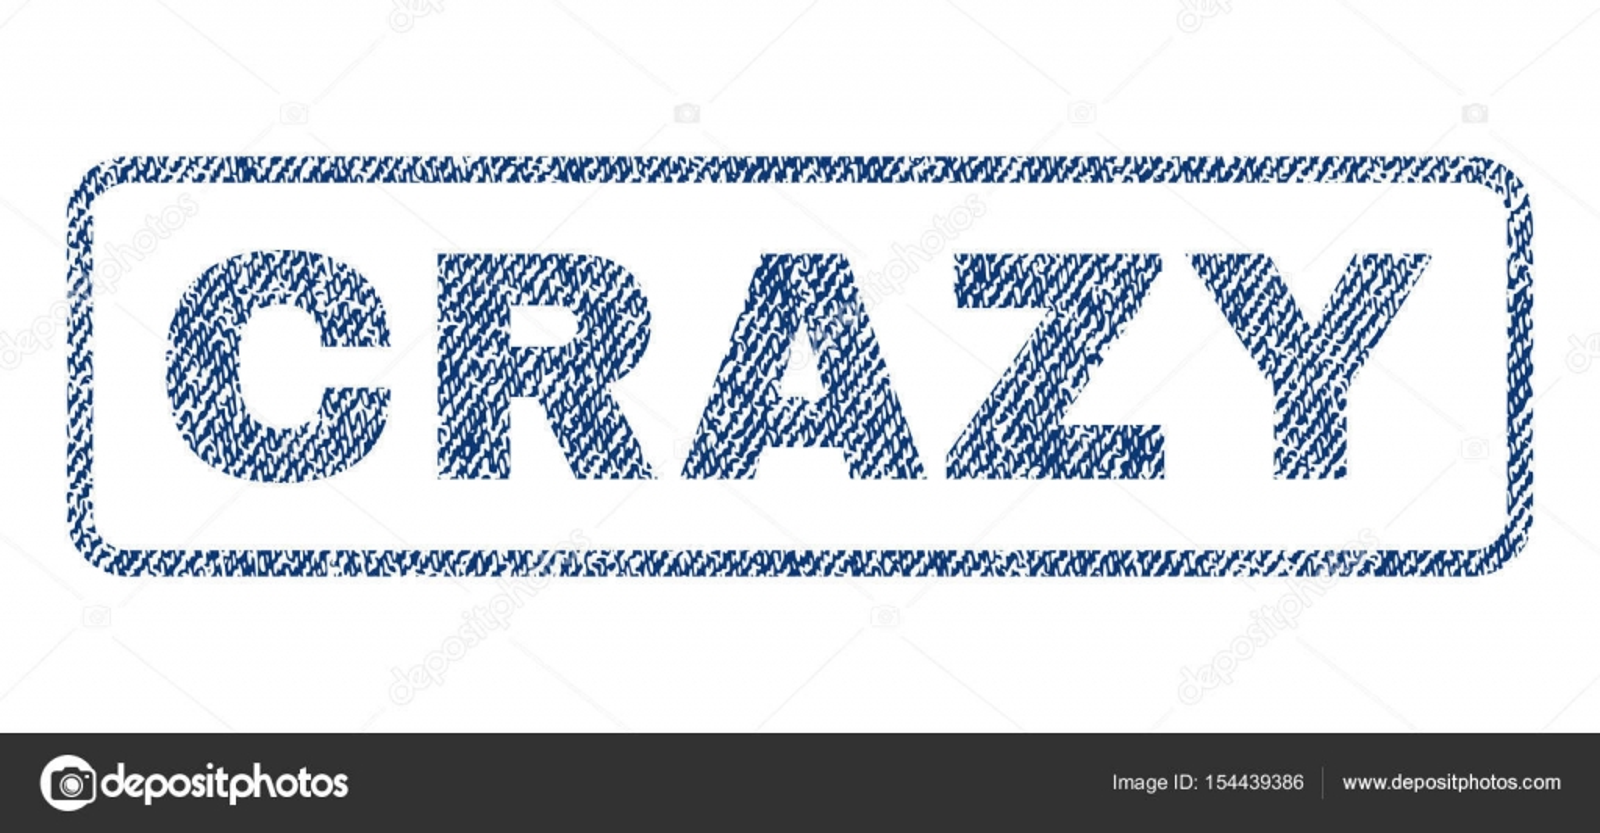 Verrückte Textile Siegel Stempel Textwasserzeichen. Blaue Jeansstoff  vektorisiert Textur. Vektor-Beschriftung innen abgerundeten rechteckigen  Banner. 1575ea1e3c